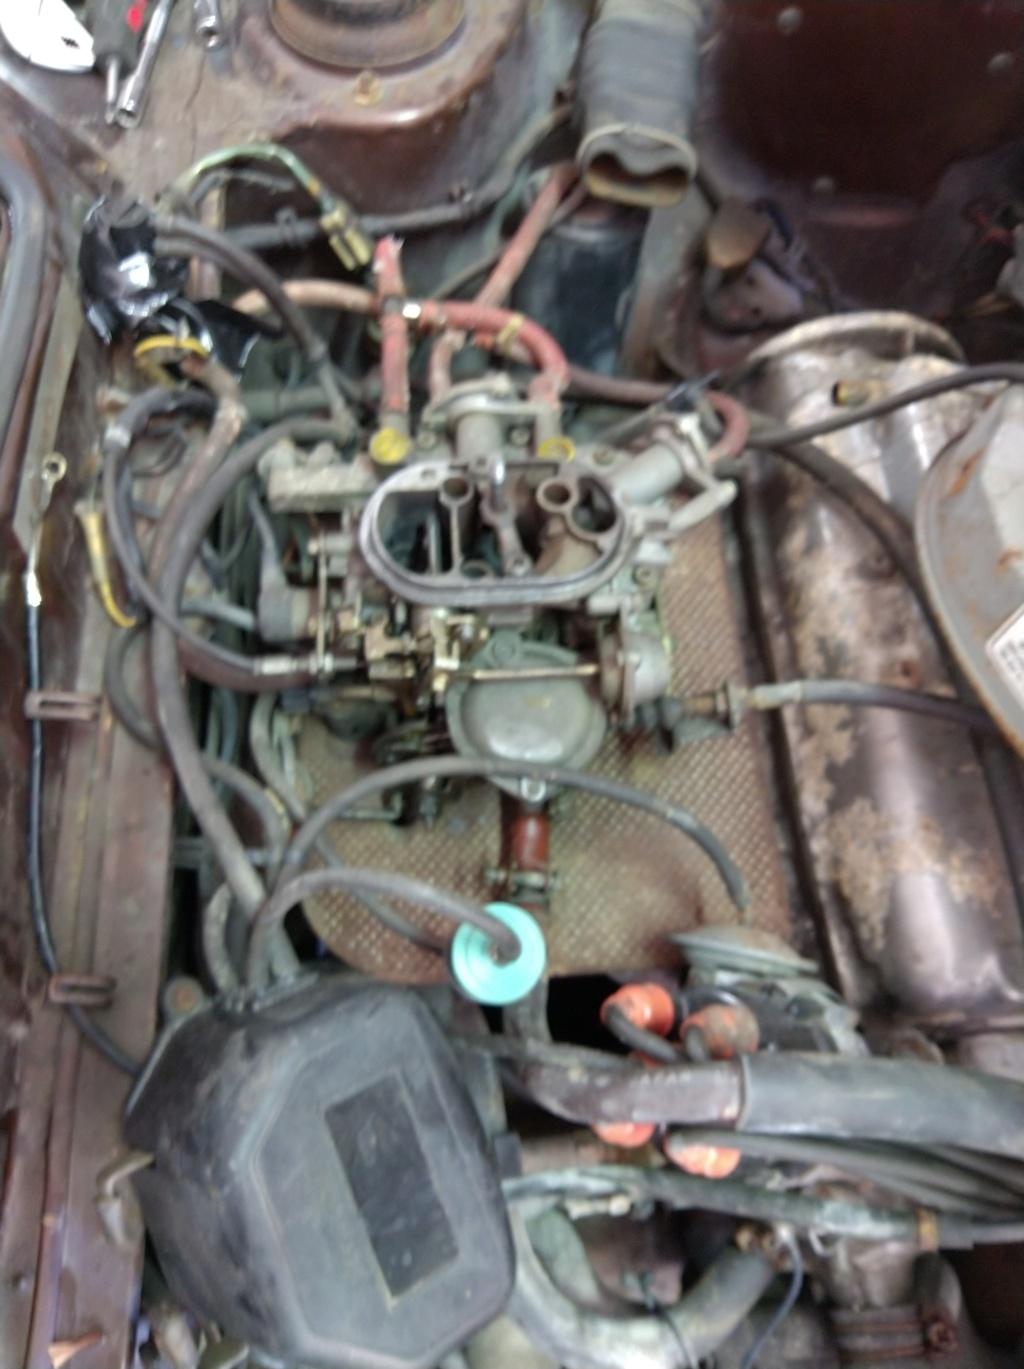 Enfin j'en ai une .. Honda CIVIC SB1 de 1977 1ère génération - Page 3 Img_2181